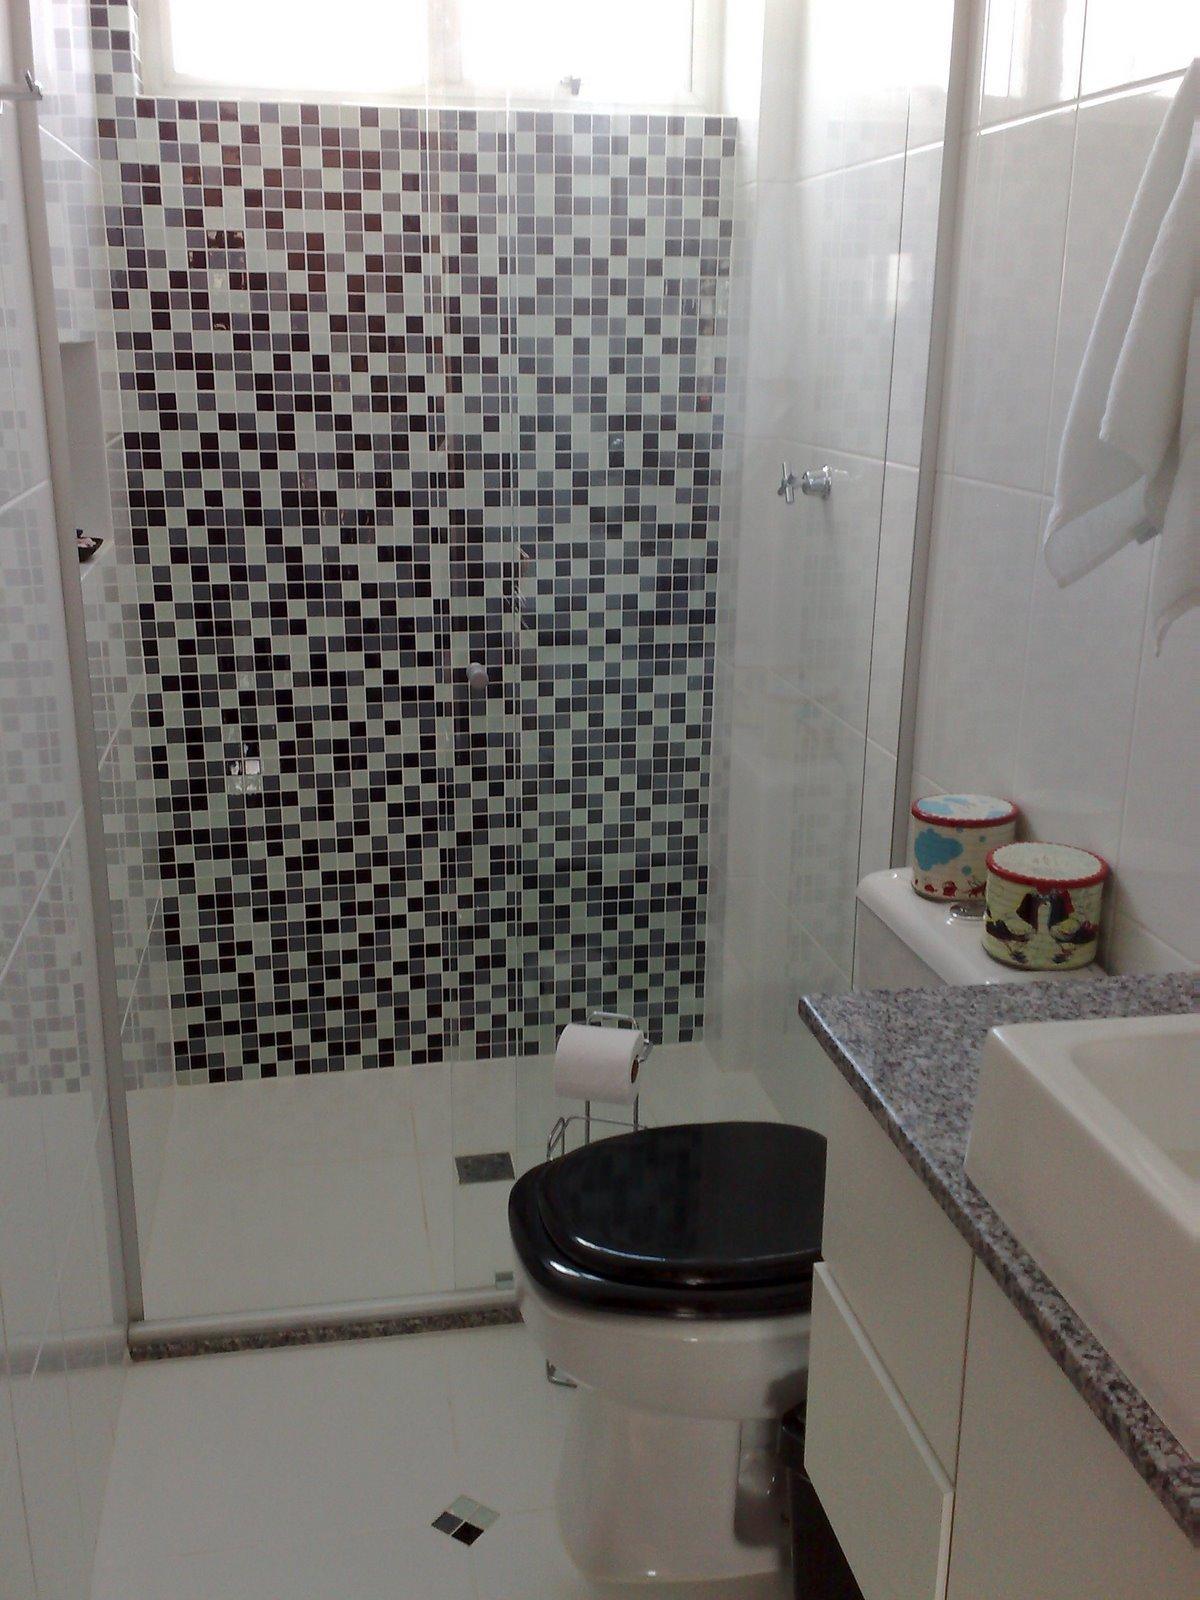 OBRA ESPECIALIZADA OZÉIAS DA ROSA: Banheiro com pastilhas de vidro #5B4D4A 1200x1600 Banheiro Azulejo Pastilha